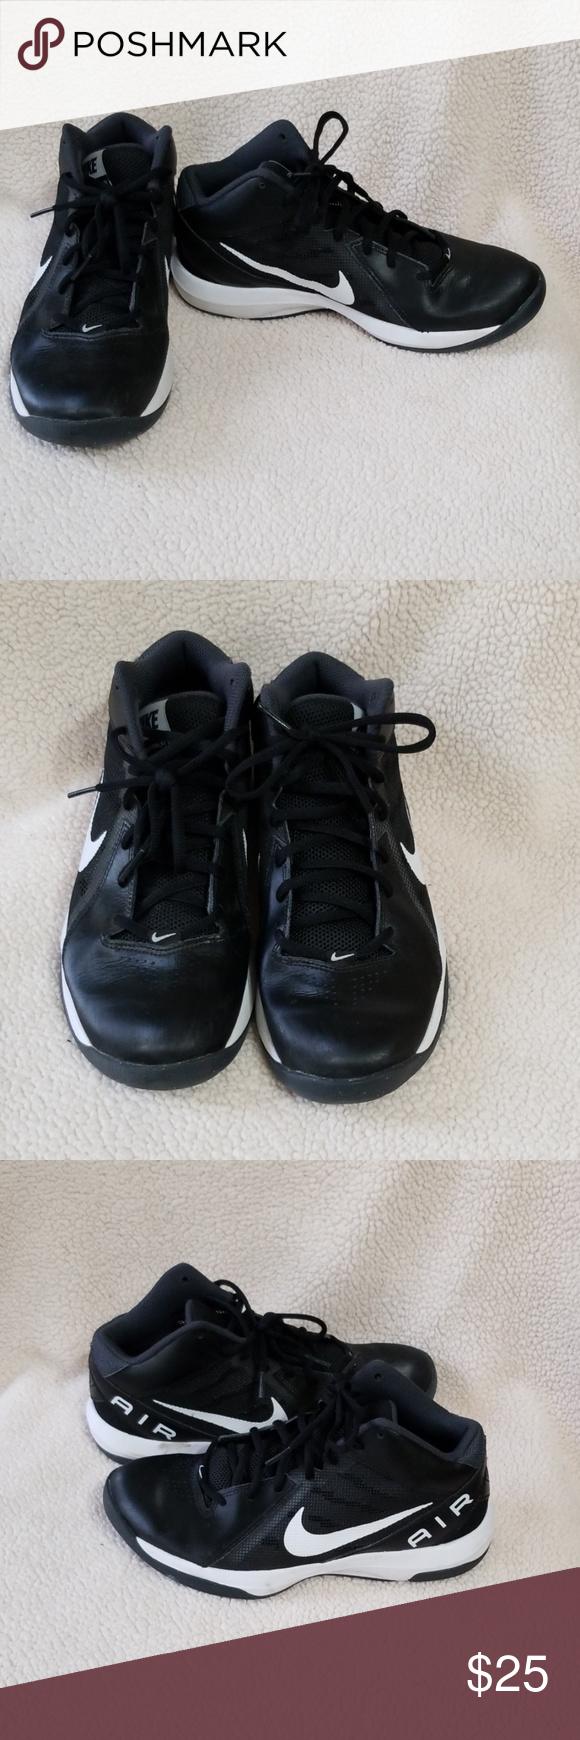 757bc674e8e Nike The Air Overplay IX Sneakers